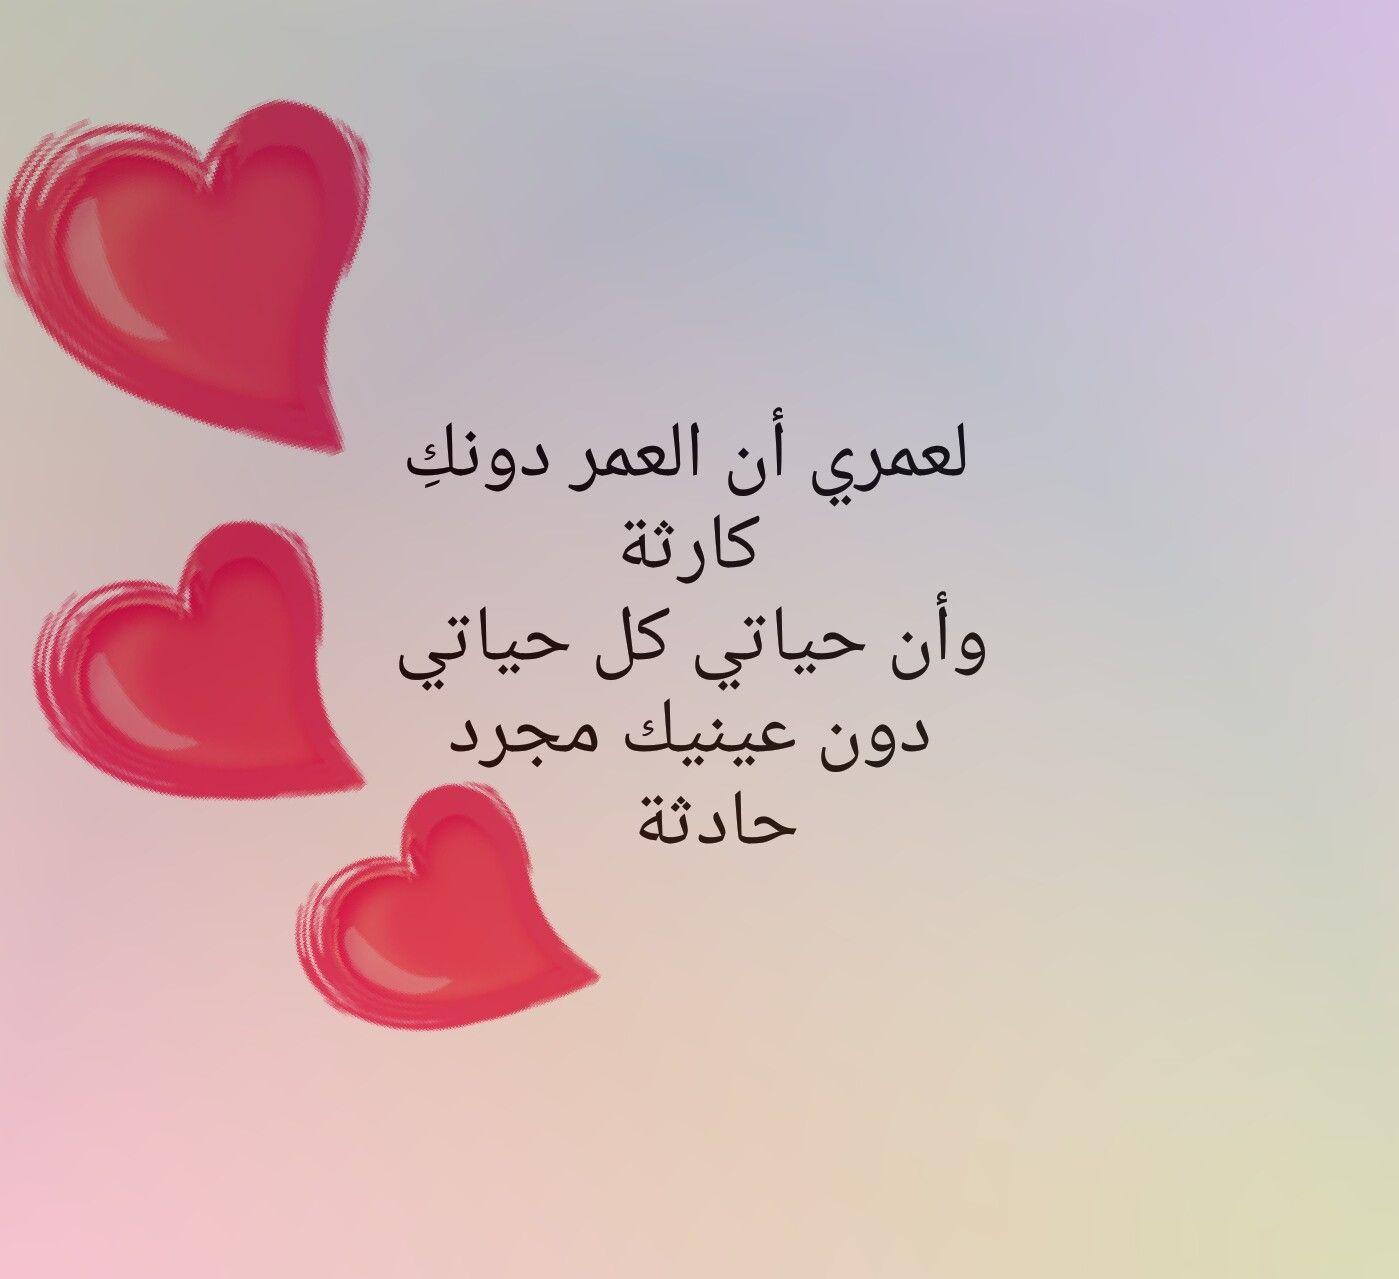 قصائد حب قصيرة , شعر رومانسي عن الحب للحبيب , اجمل عبارات الحب